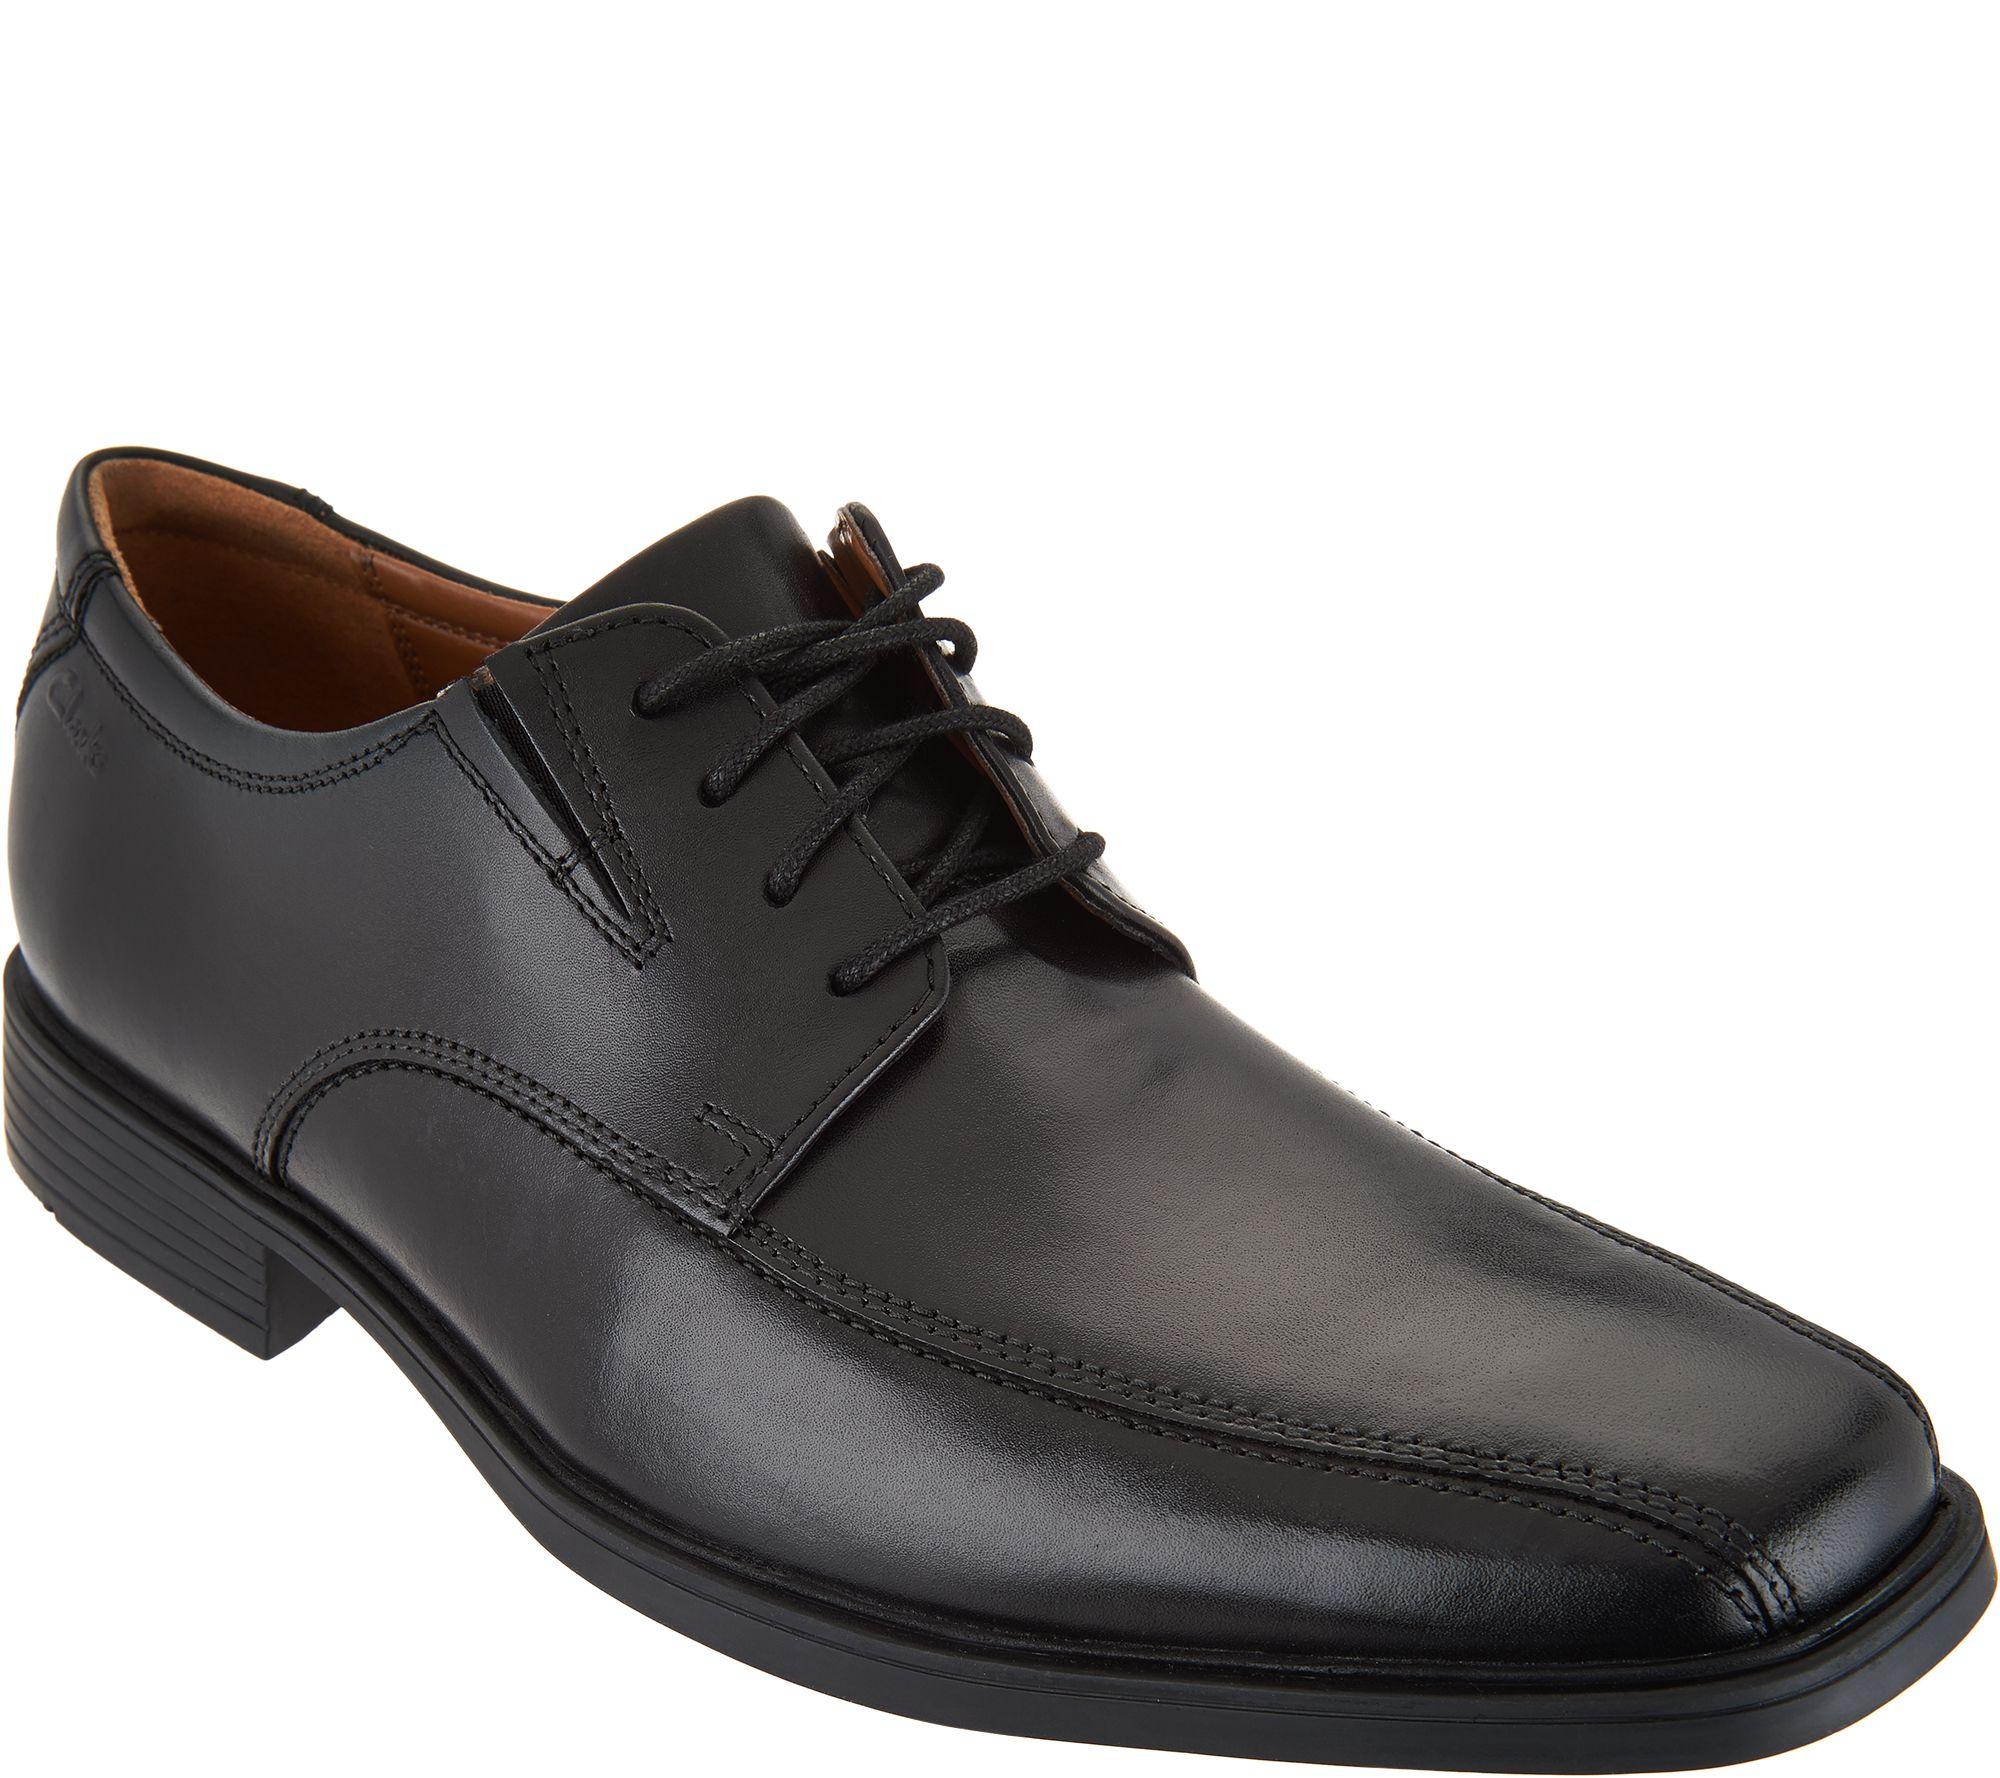 Clarks Men's Leather Lace-up Dress Shoes - Tilden Walk - Page 1 — QVC.com